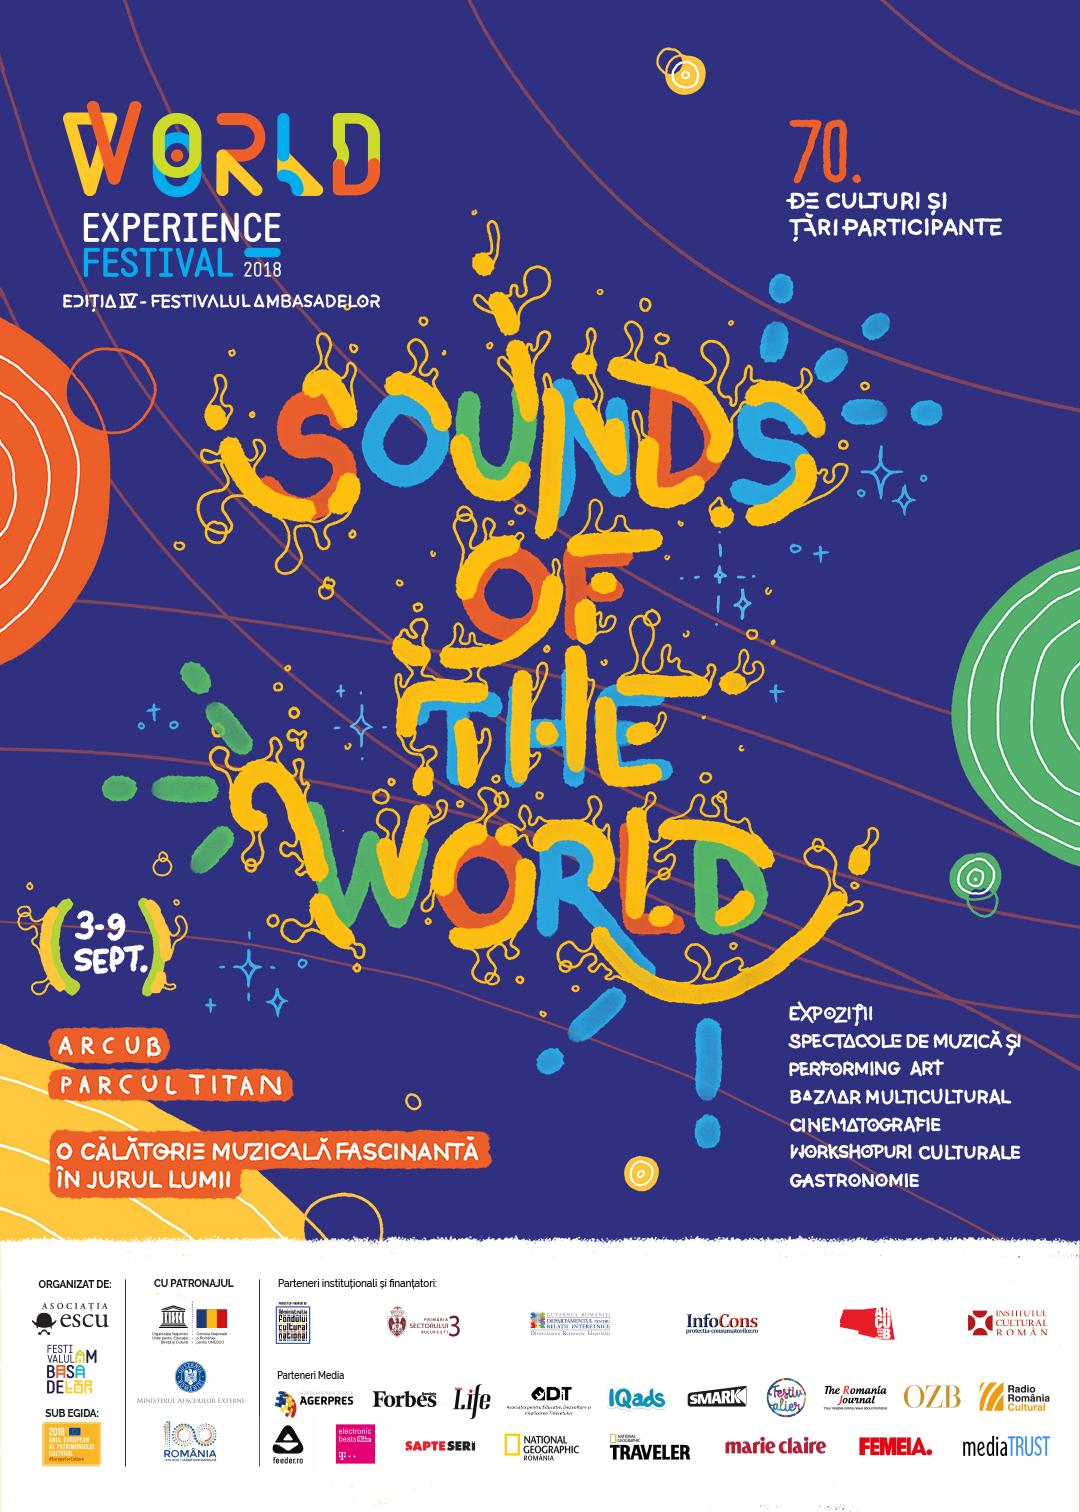 Festivalul Ambasadelor va avea loc între 3-9 septembrie la ARCUB și Parcul Titan